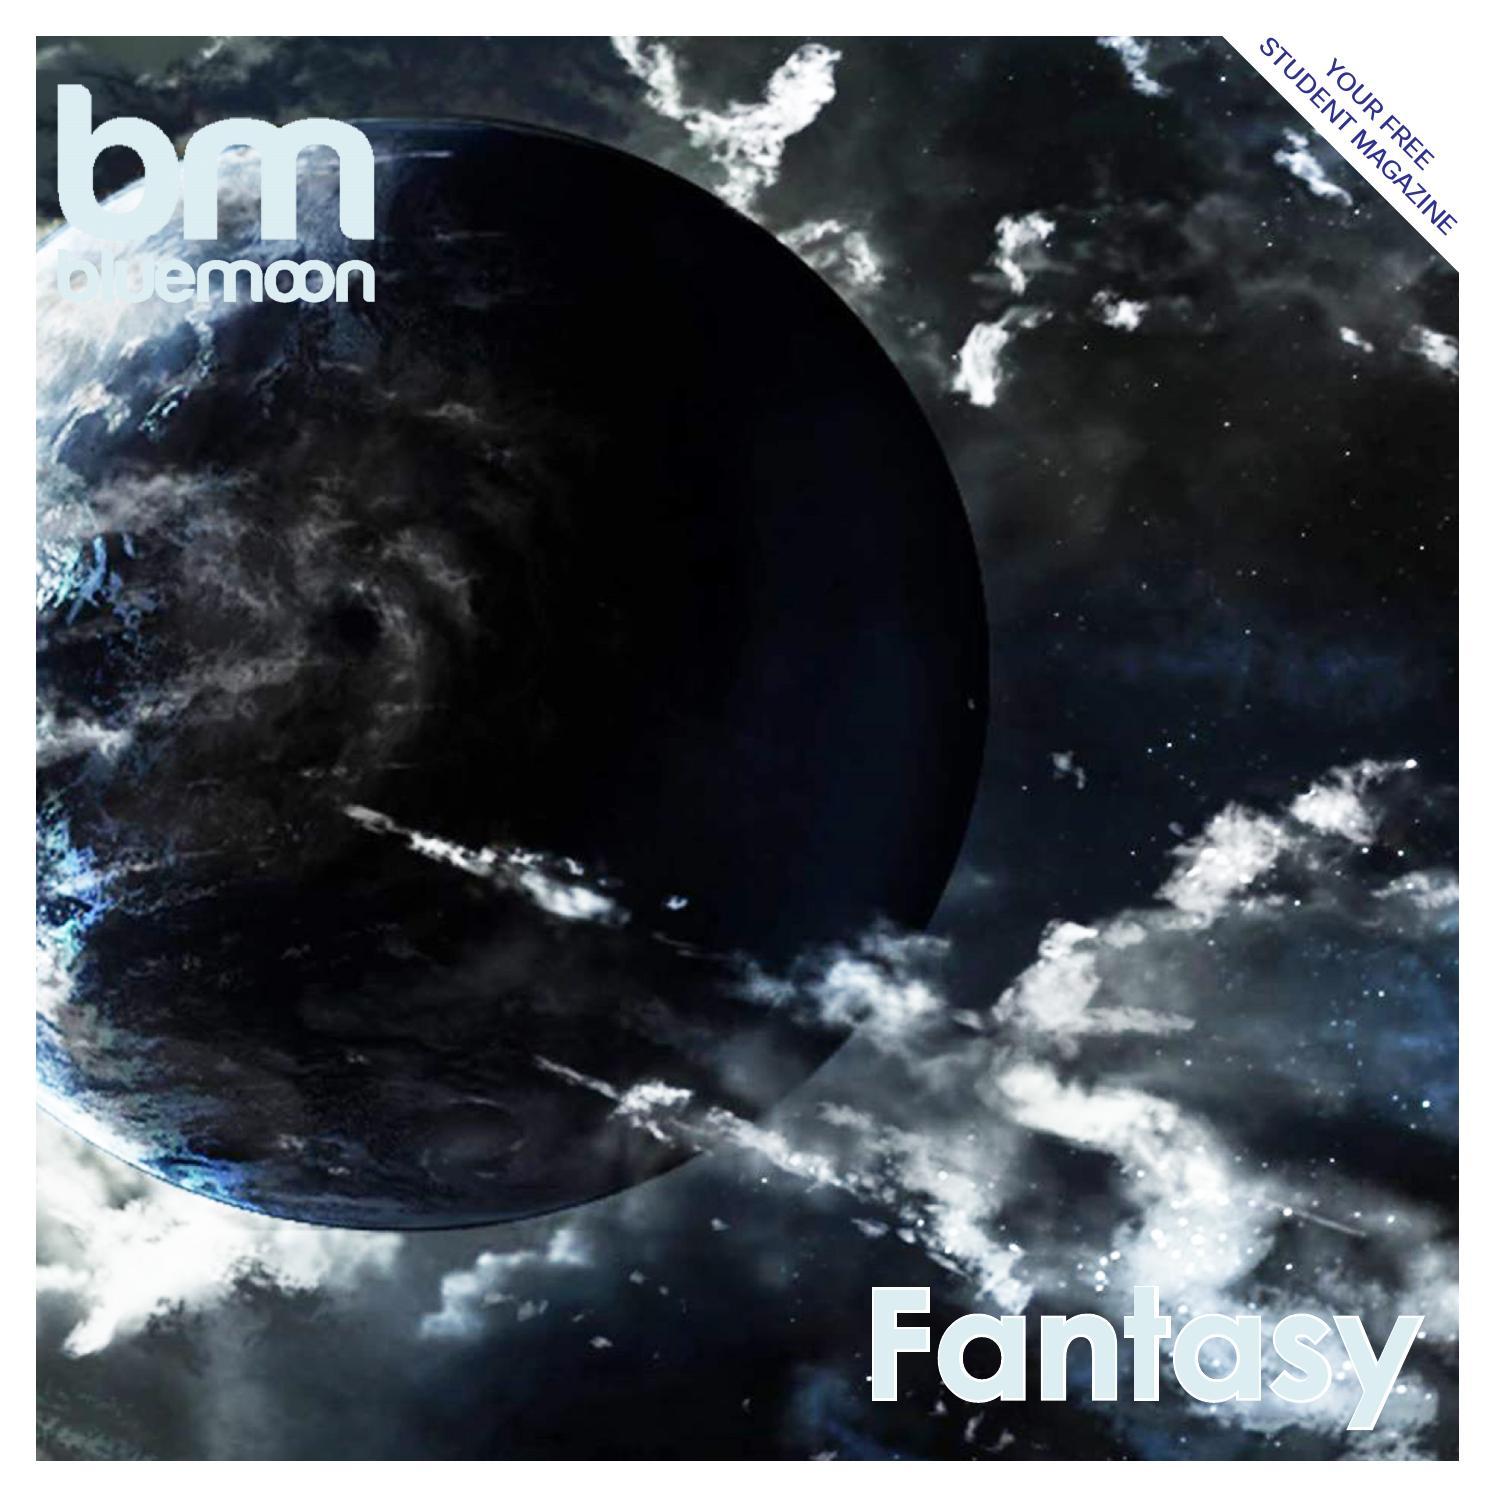 BlueMoon | Fantasy by Trident Media - issuu